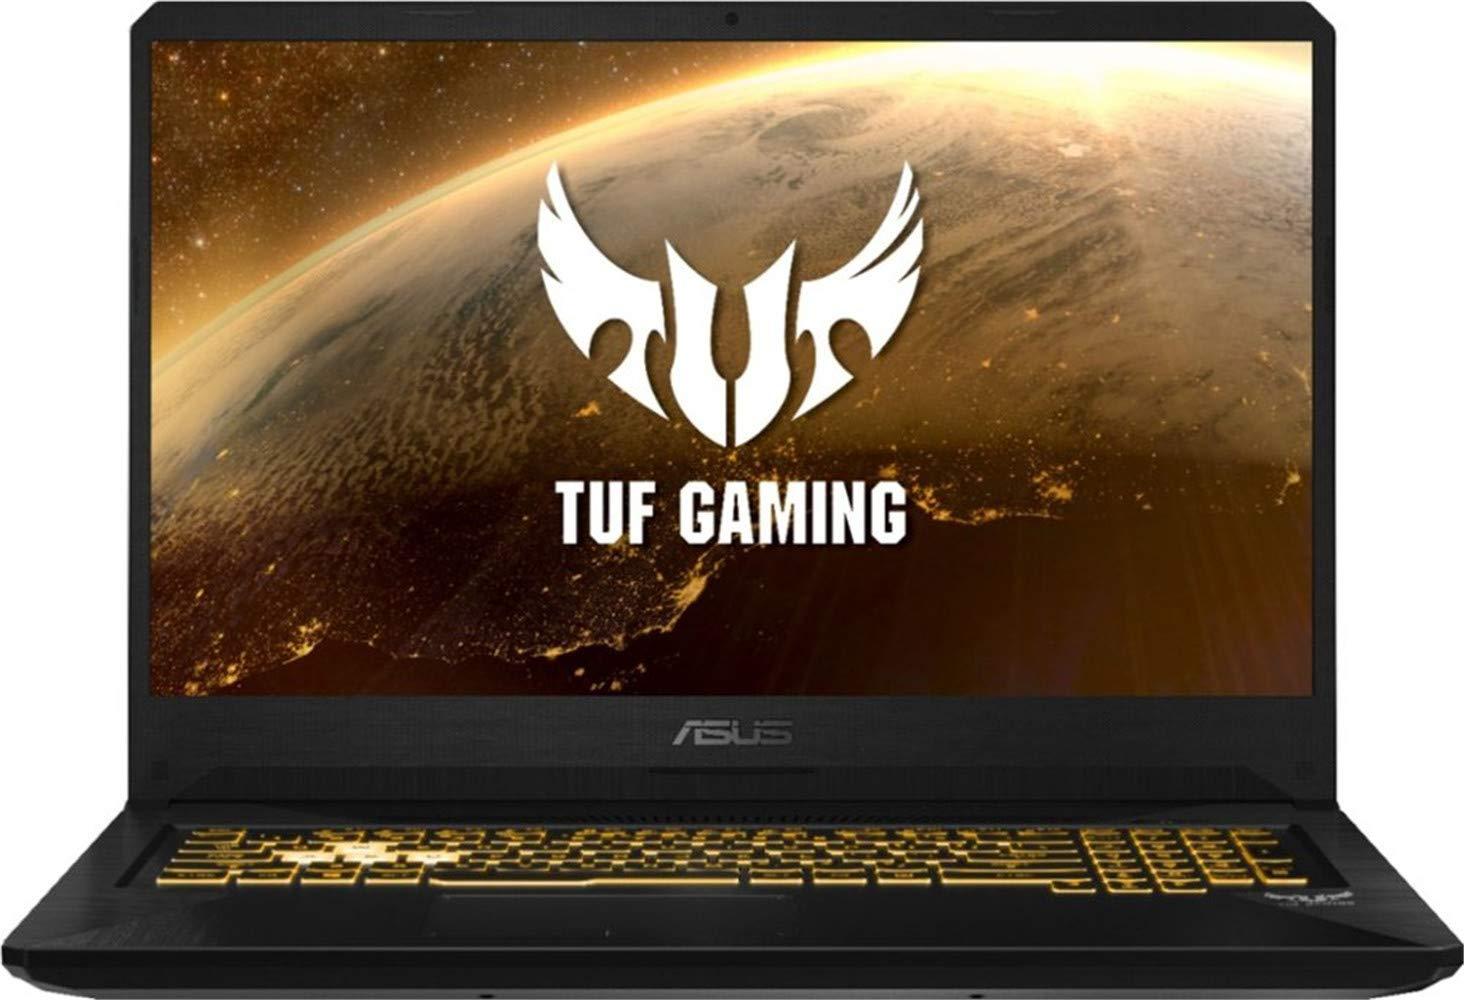 ASUS TUF Gaming Quad Core Bluetooth